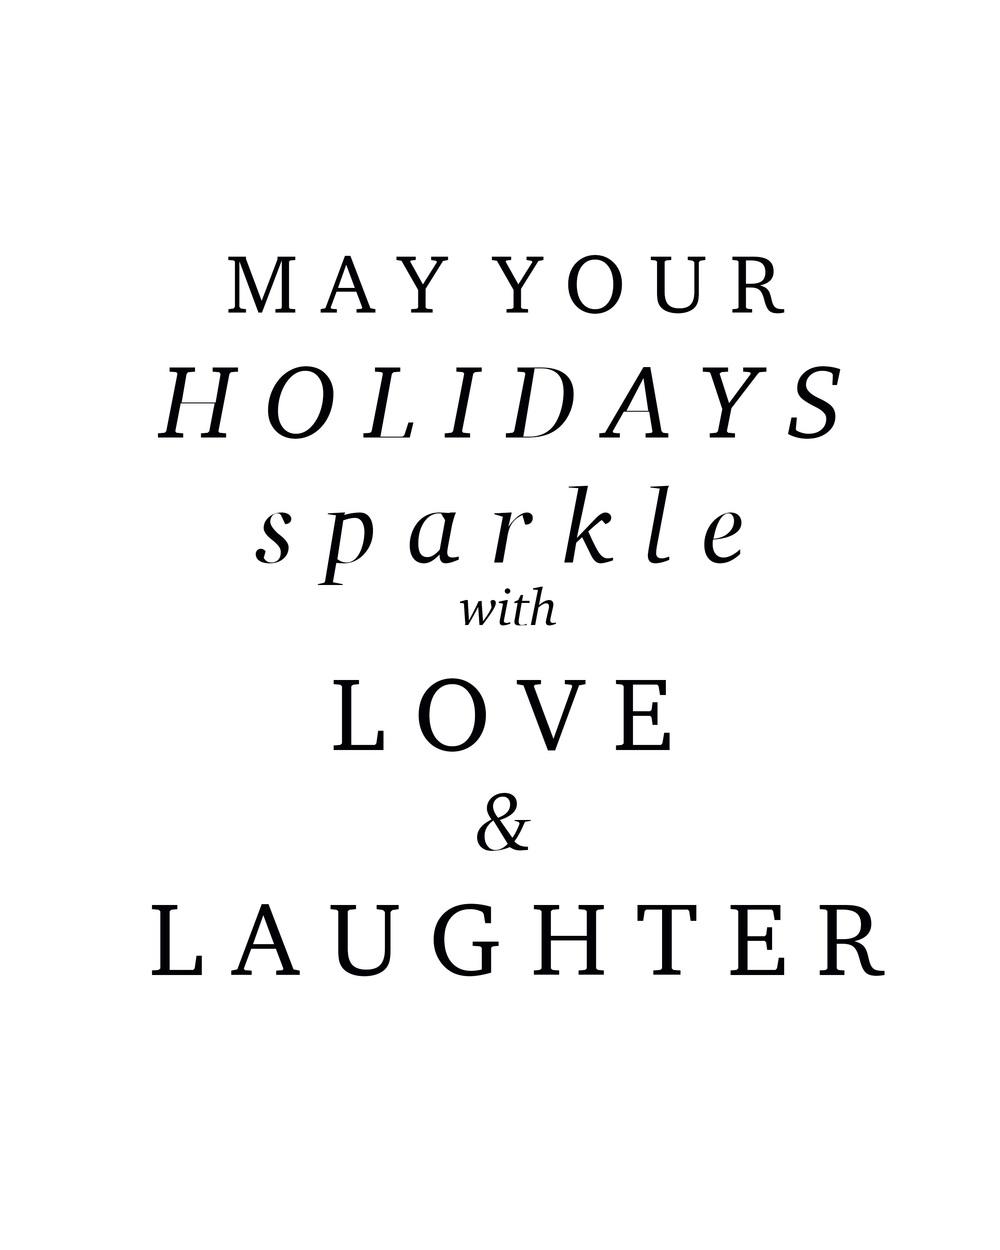 holidaysparkle.jpg